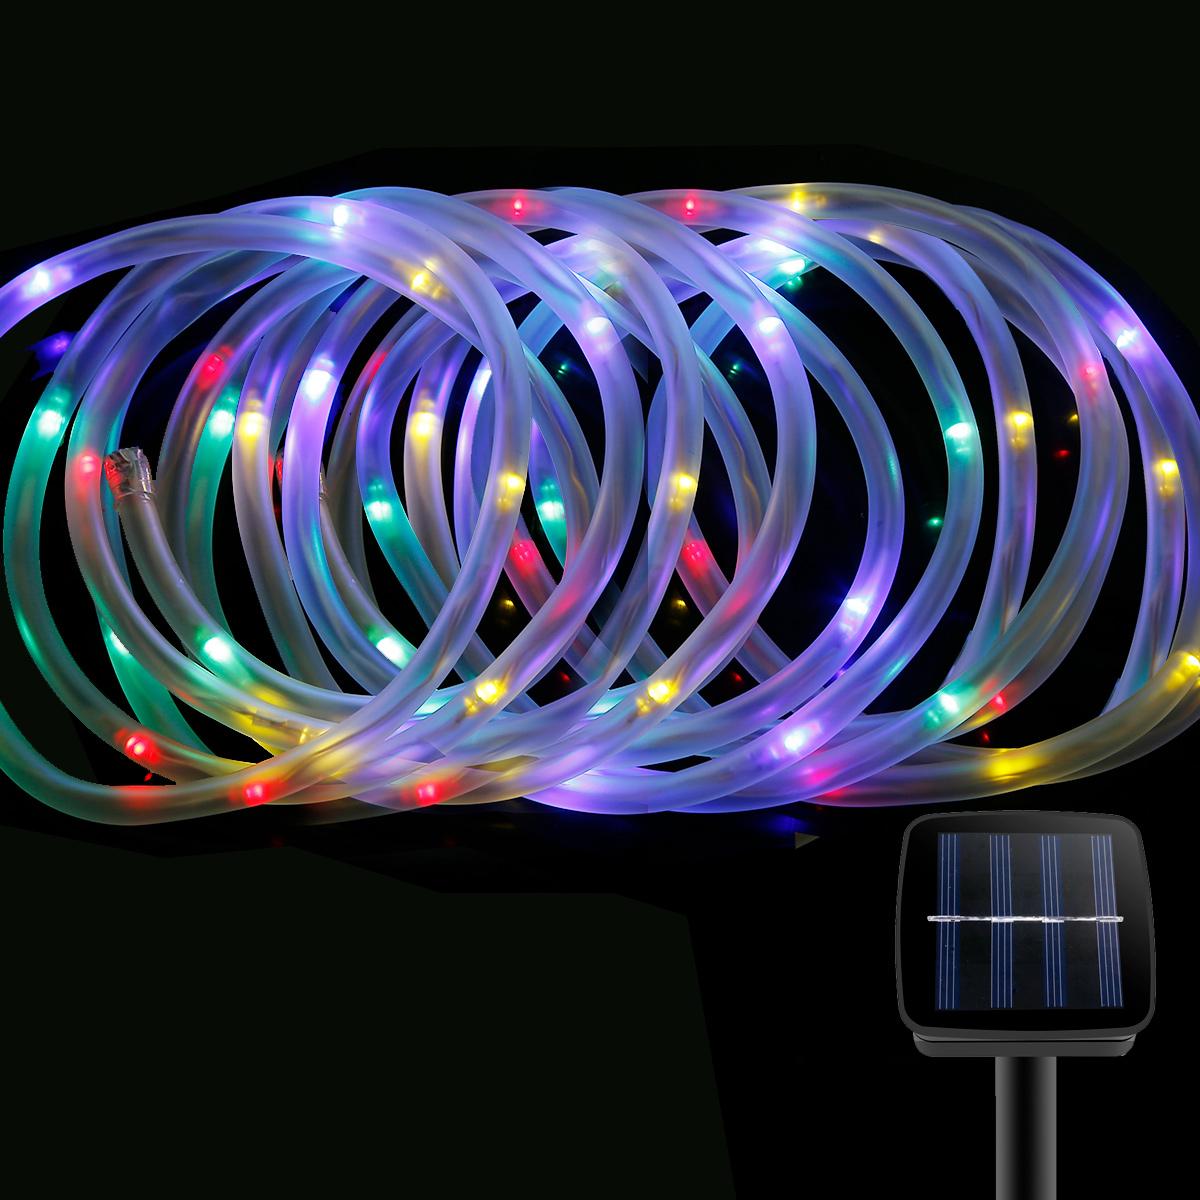 LED Solar Lichterkette RGB, 5M mit Lichtsensor, Weihnachtsbeleuchtung, Wasserdicht, Portable